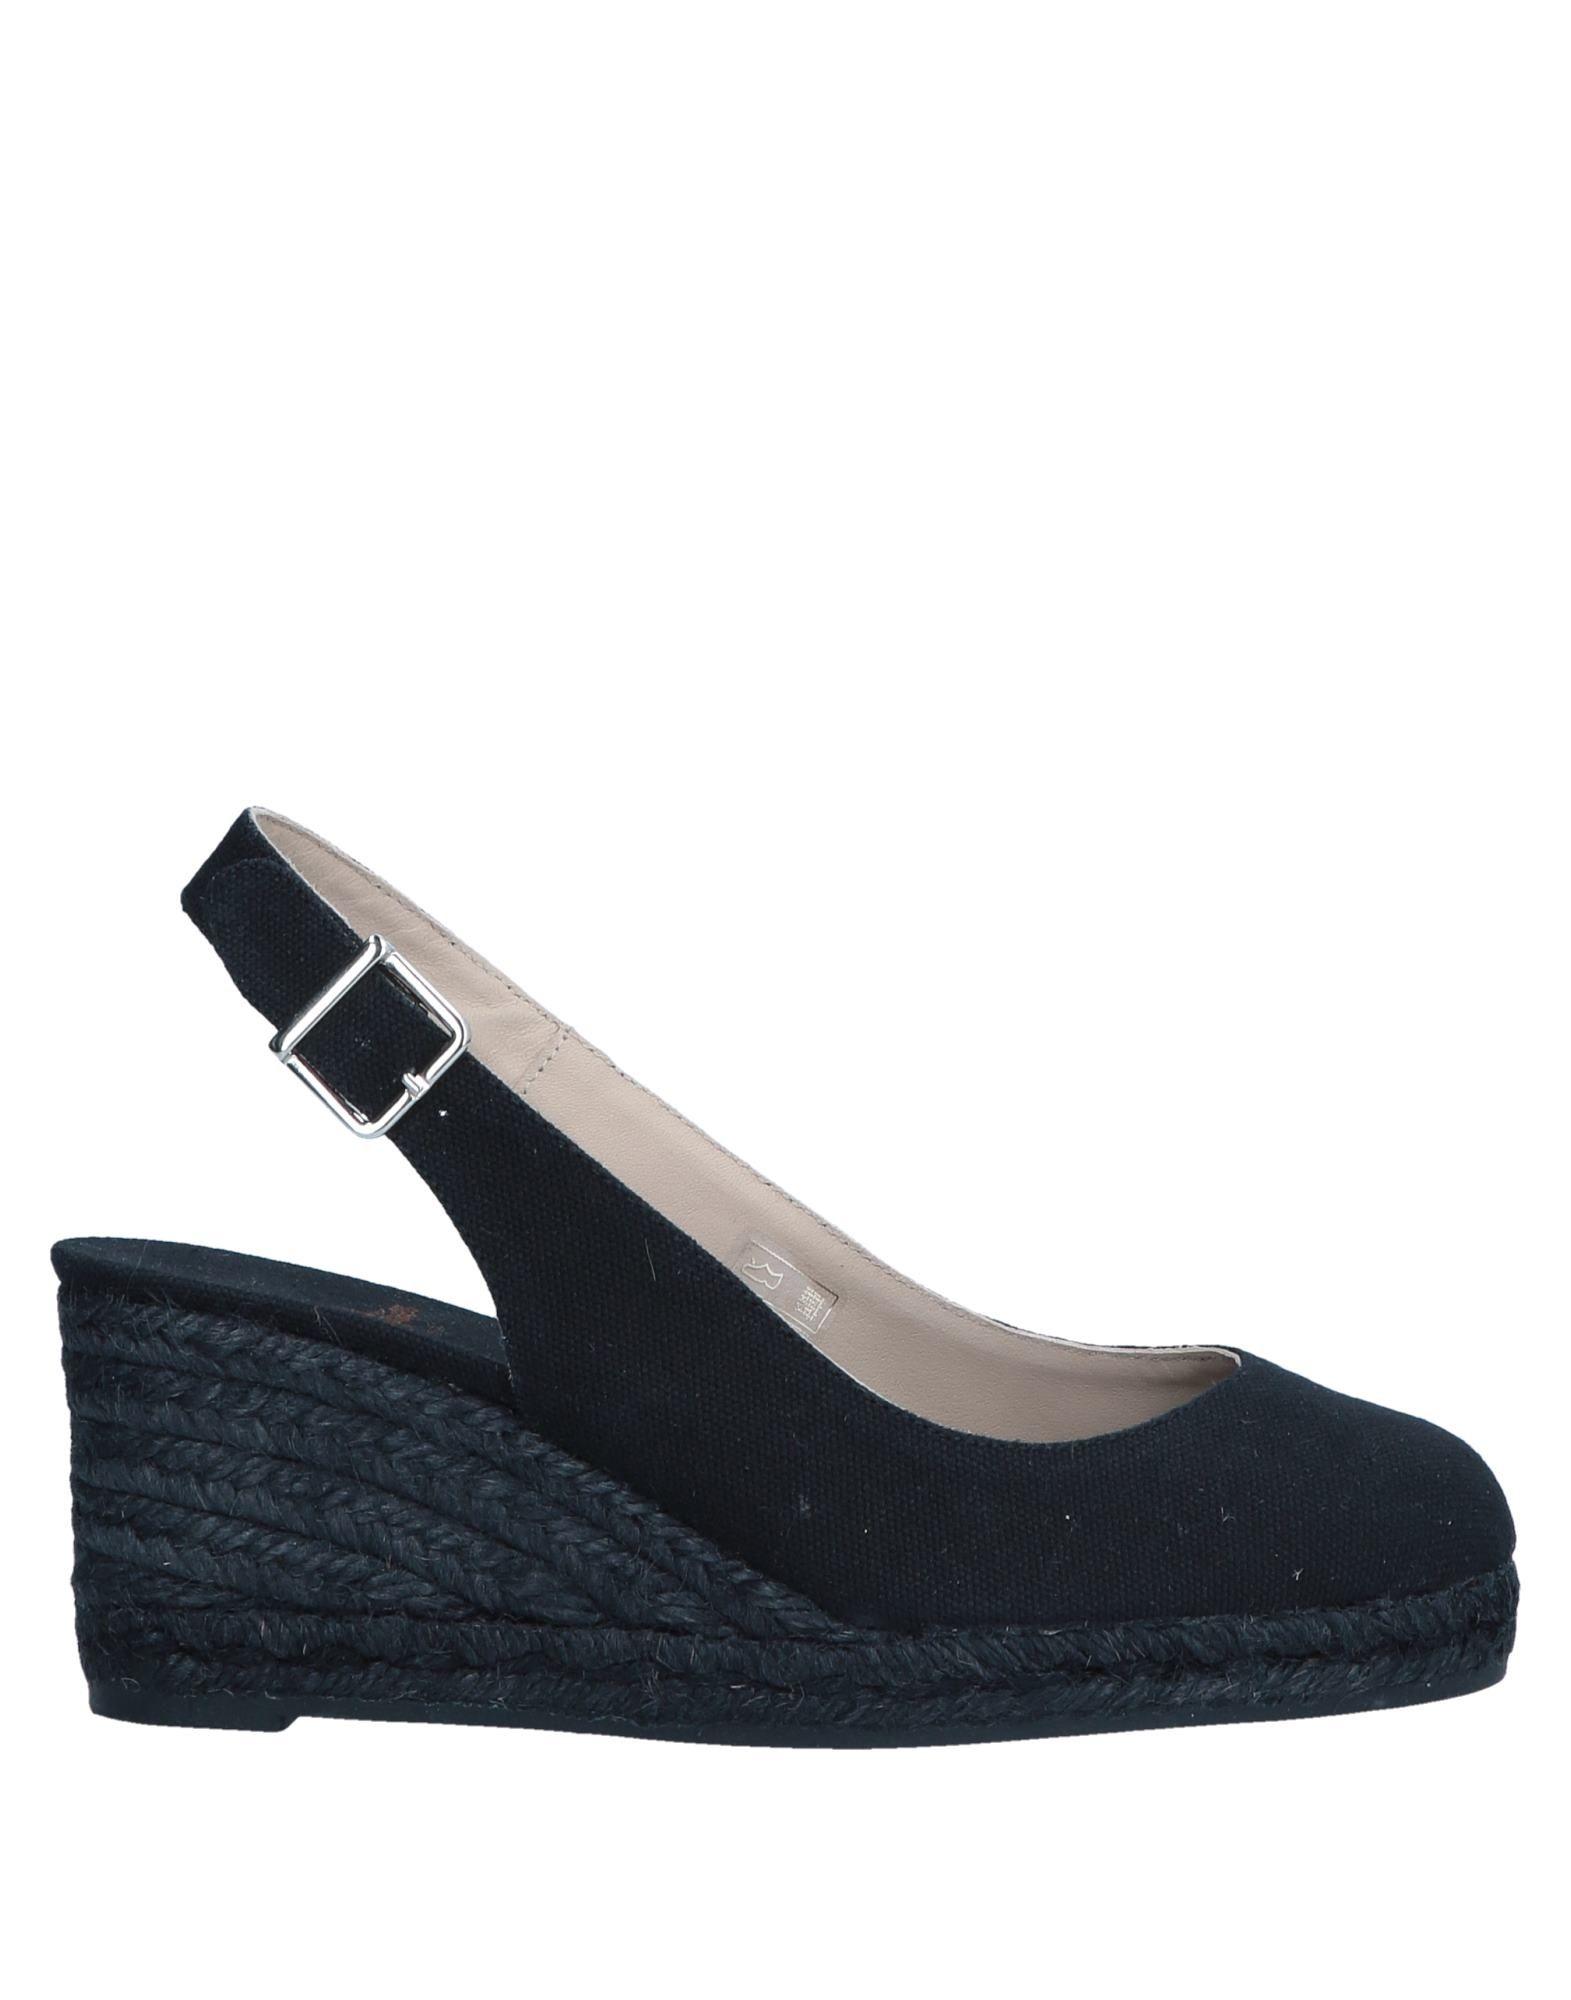 Castañer Espadrilles Espadrilles Espadrilles Damen  11554926KE Gute Qualität beliebte Schuhe eef08f